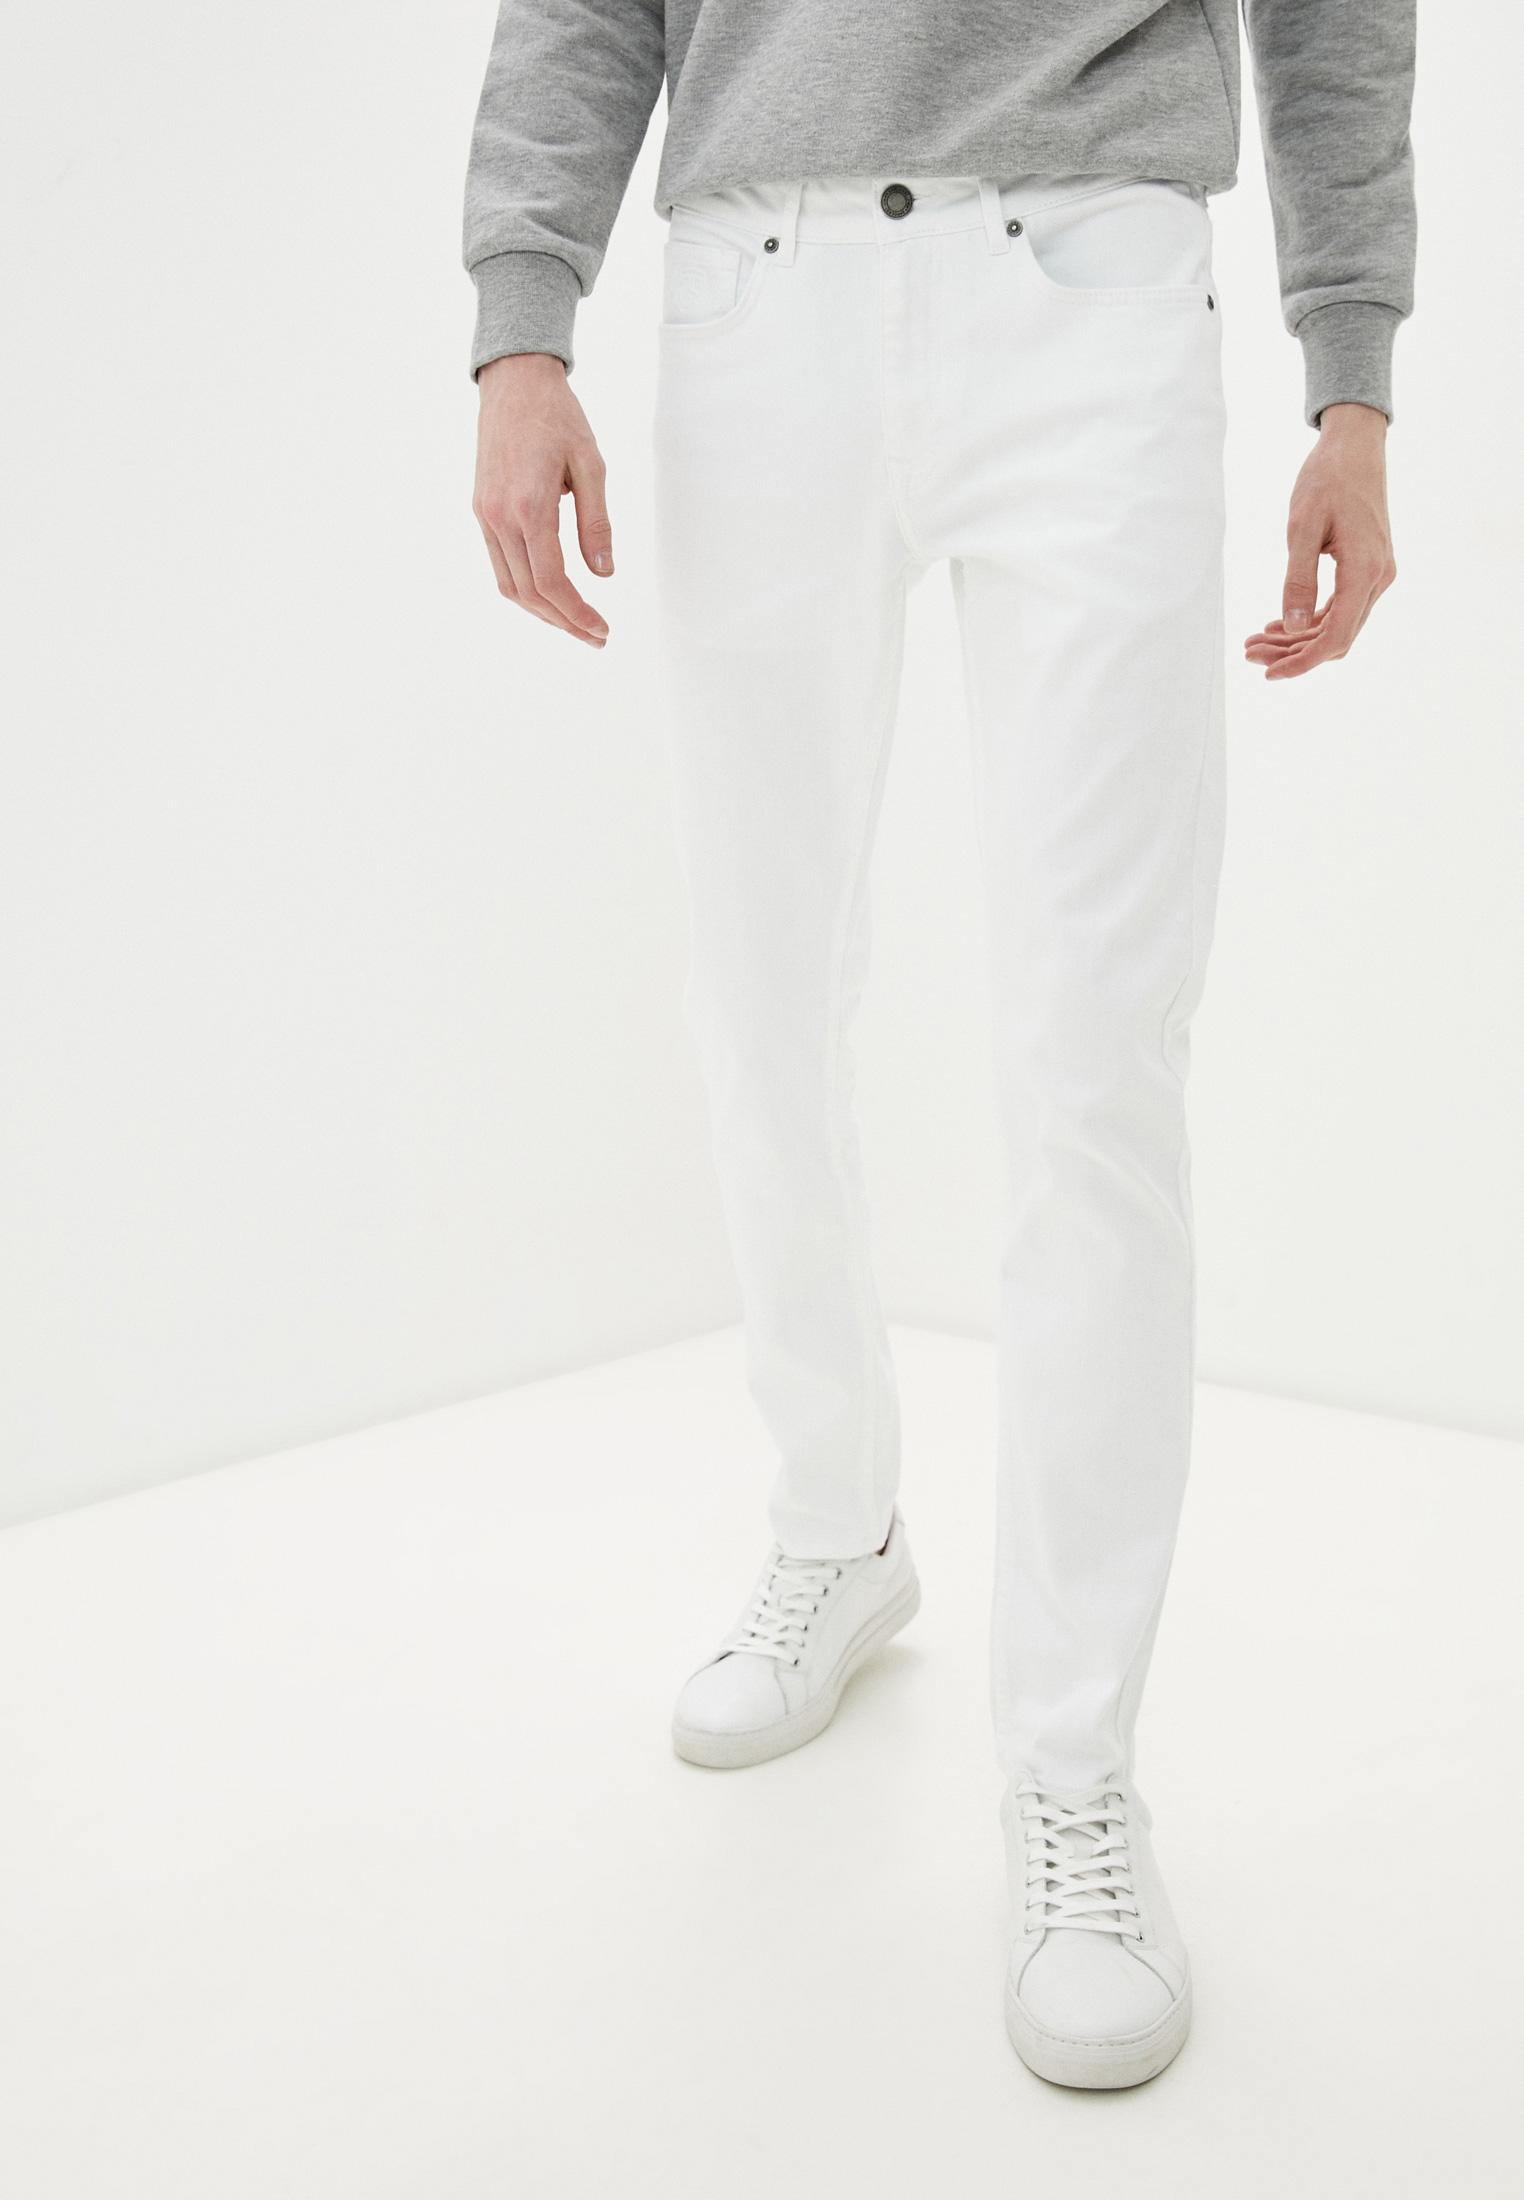 Мужские прямые джинсы JIMMY SANDERS (Джимми Сандерс) Джинсы Jimmy Sanders